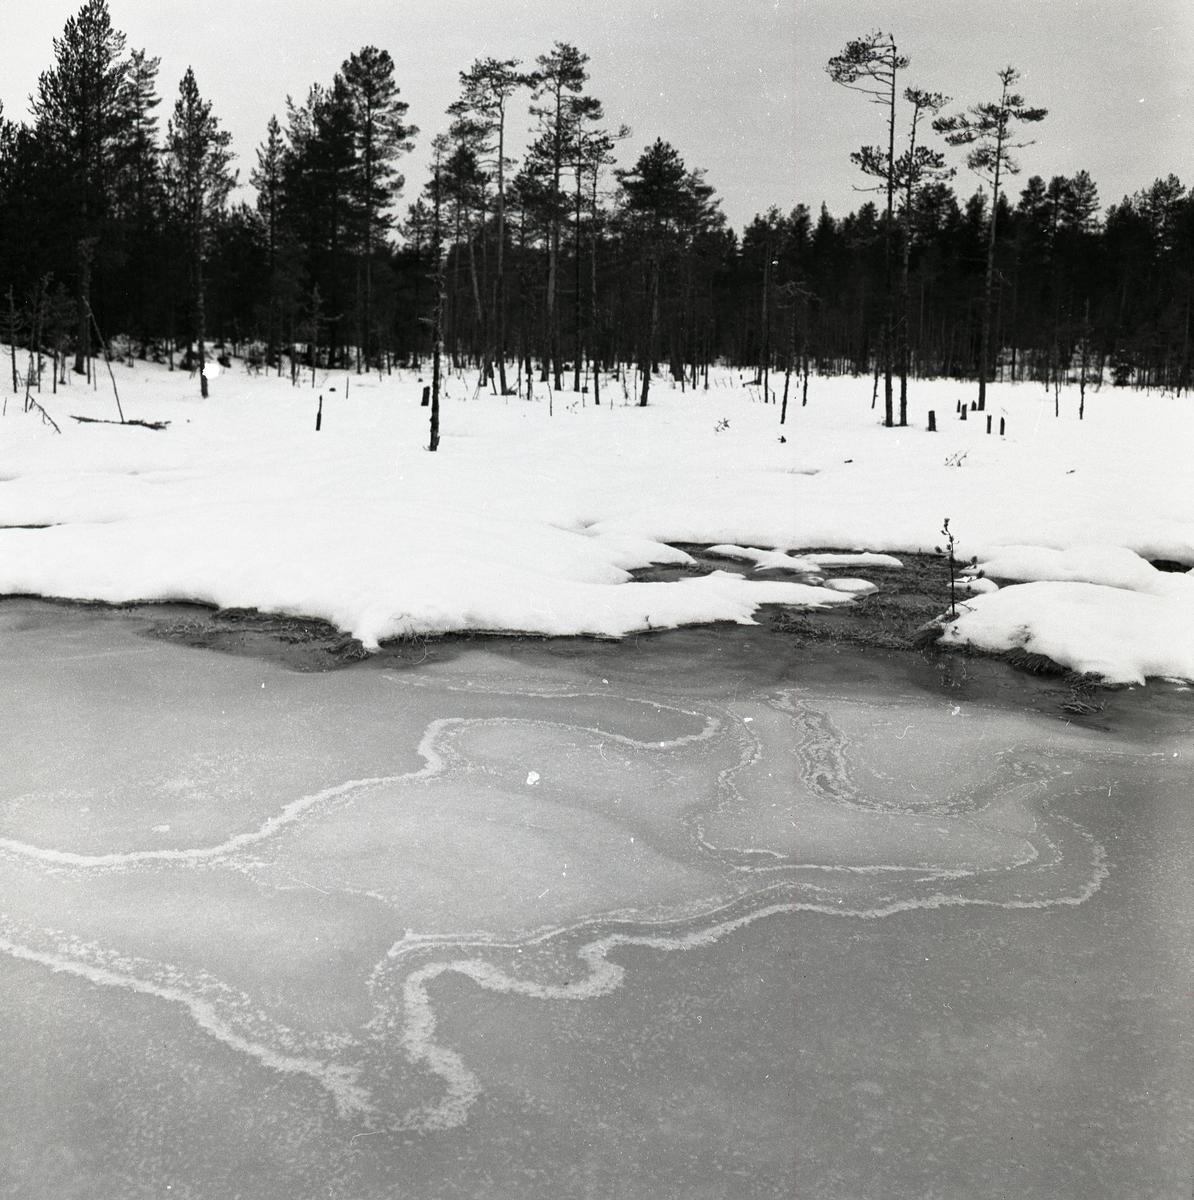 Snirkligt mönster på isen vid Vitmyren den 3 januari 1960.